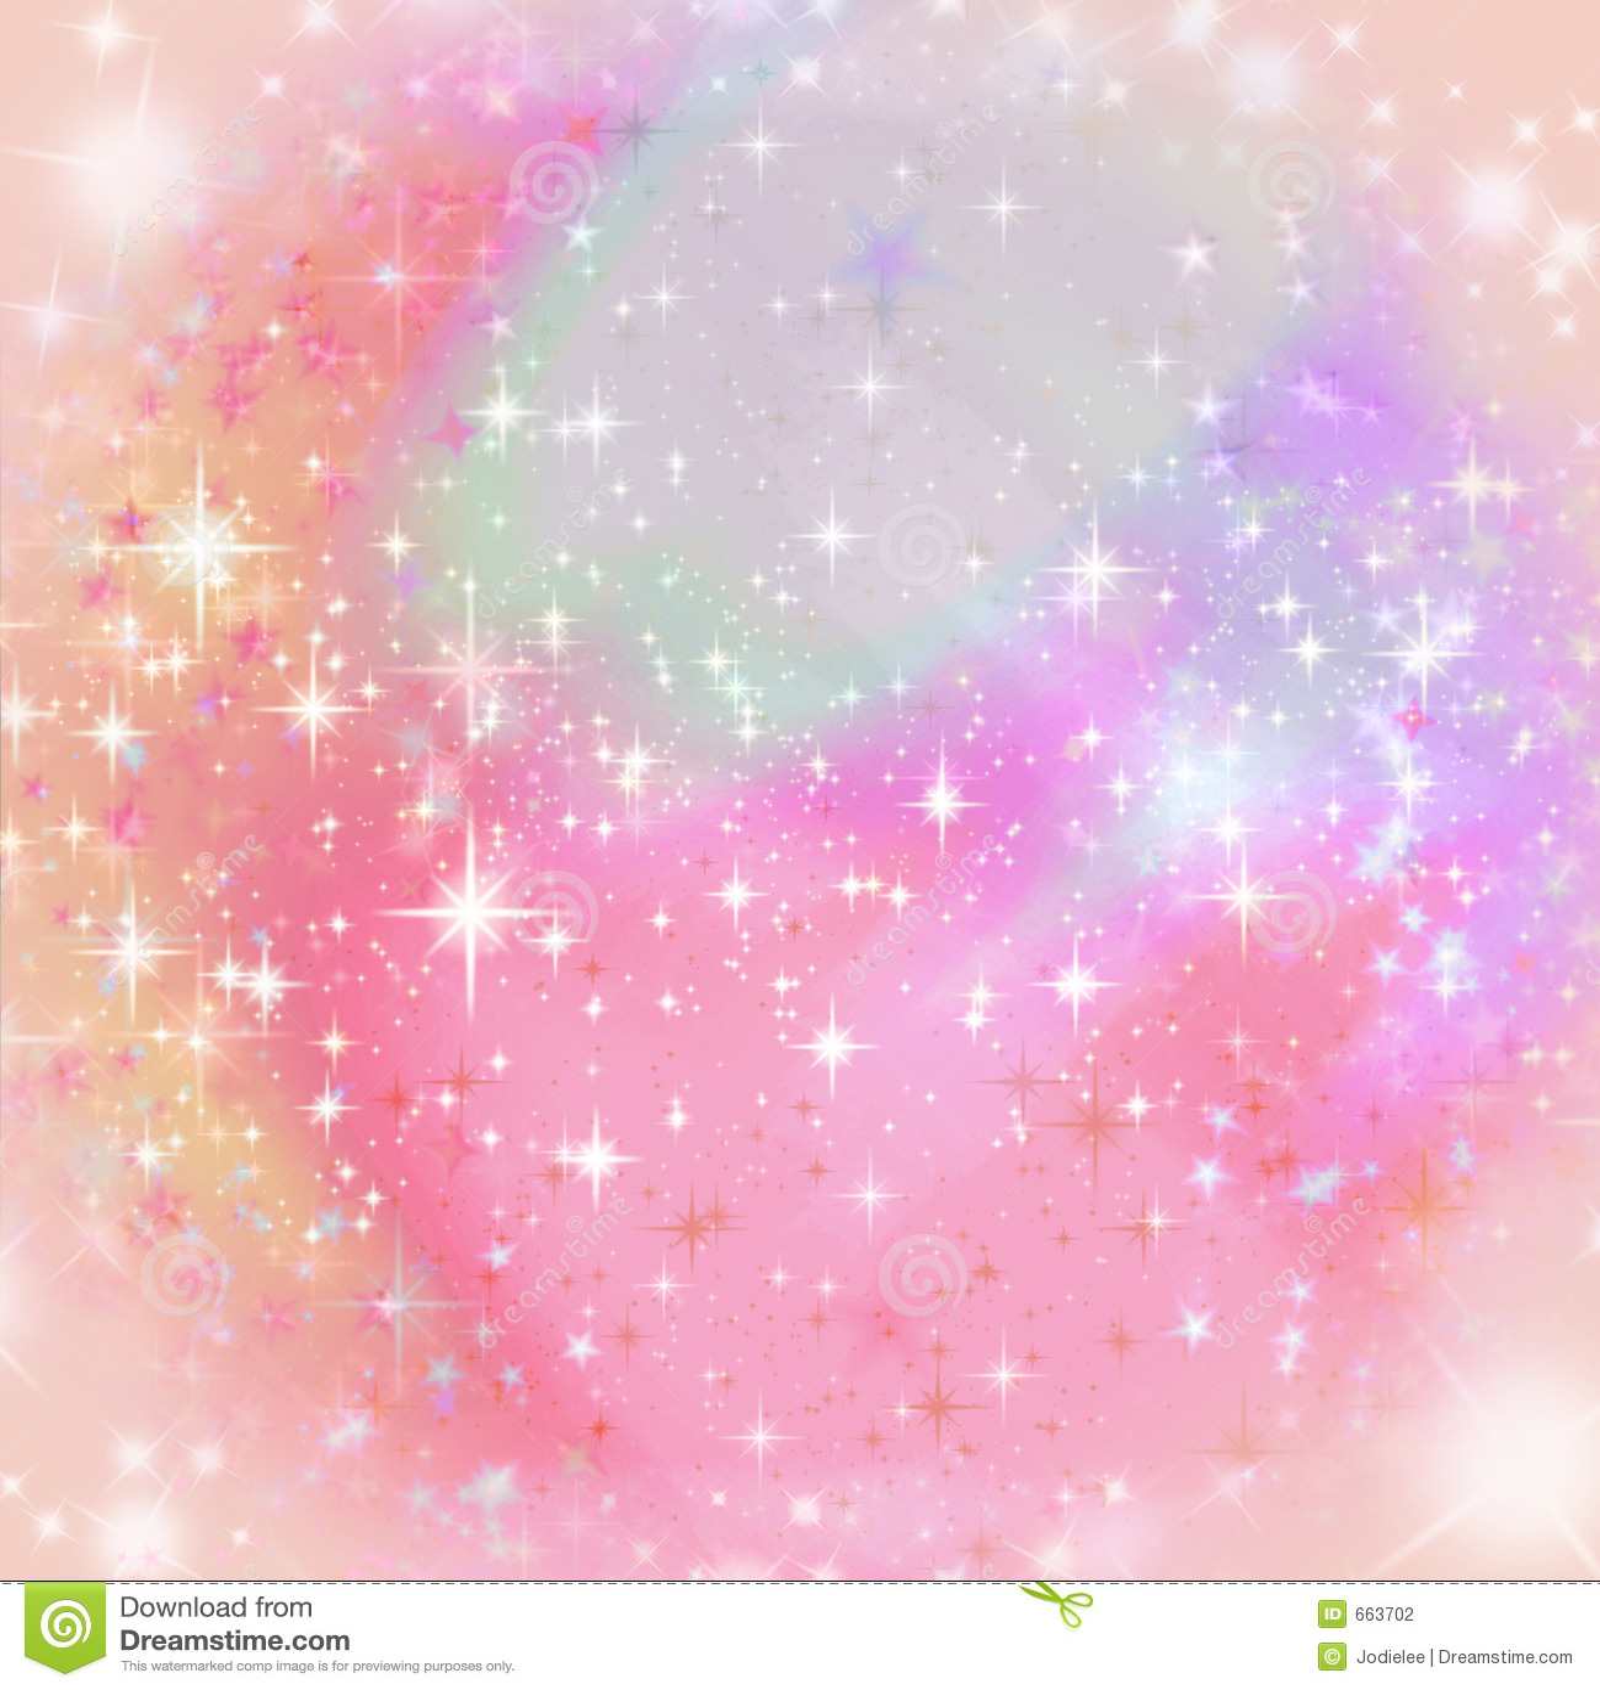 sparkling stock illustrations 57 108 sparkling stock illustrations